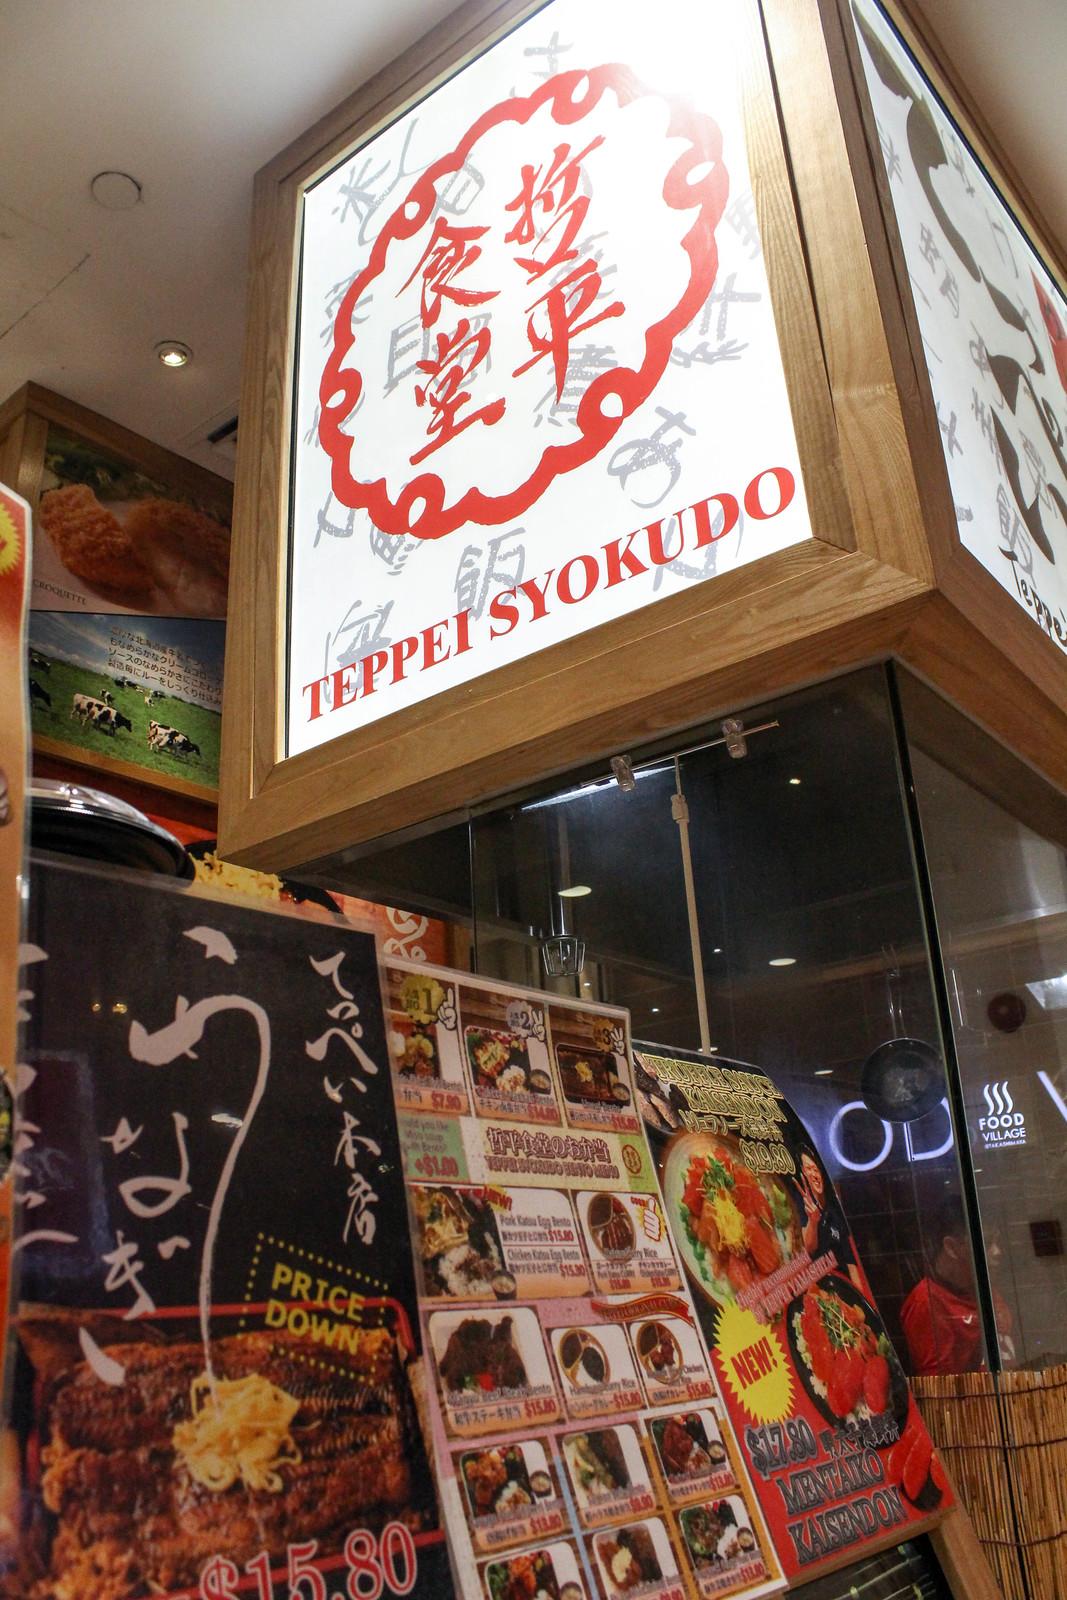 Chirashi Don:Teppei Syokudo